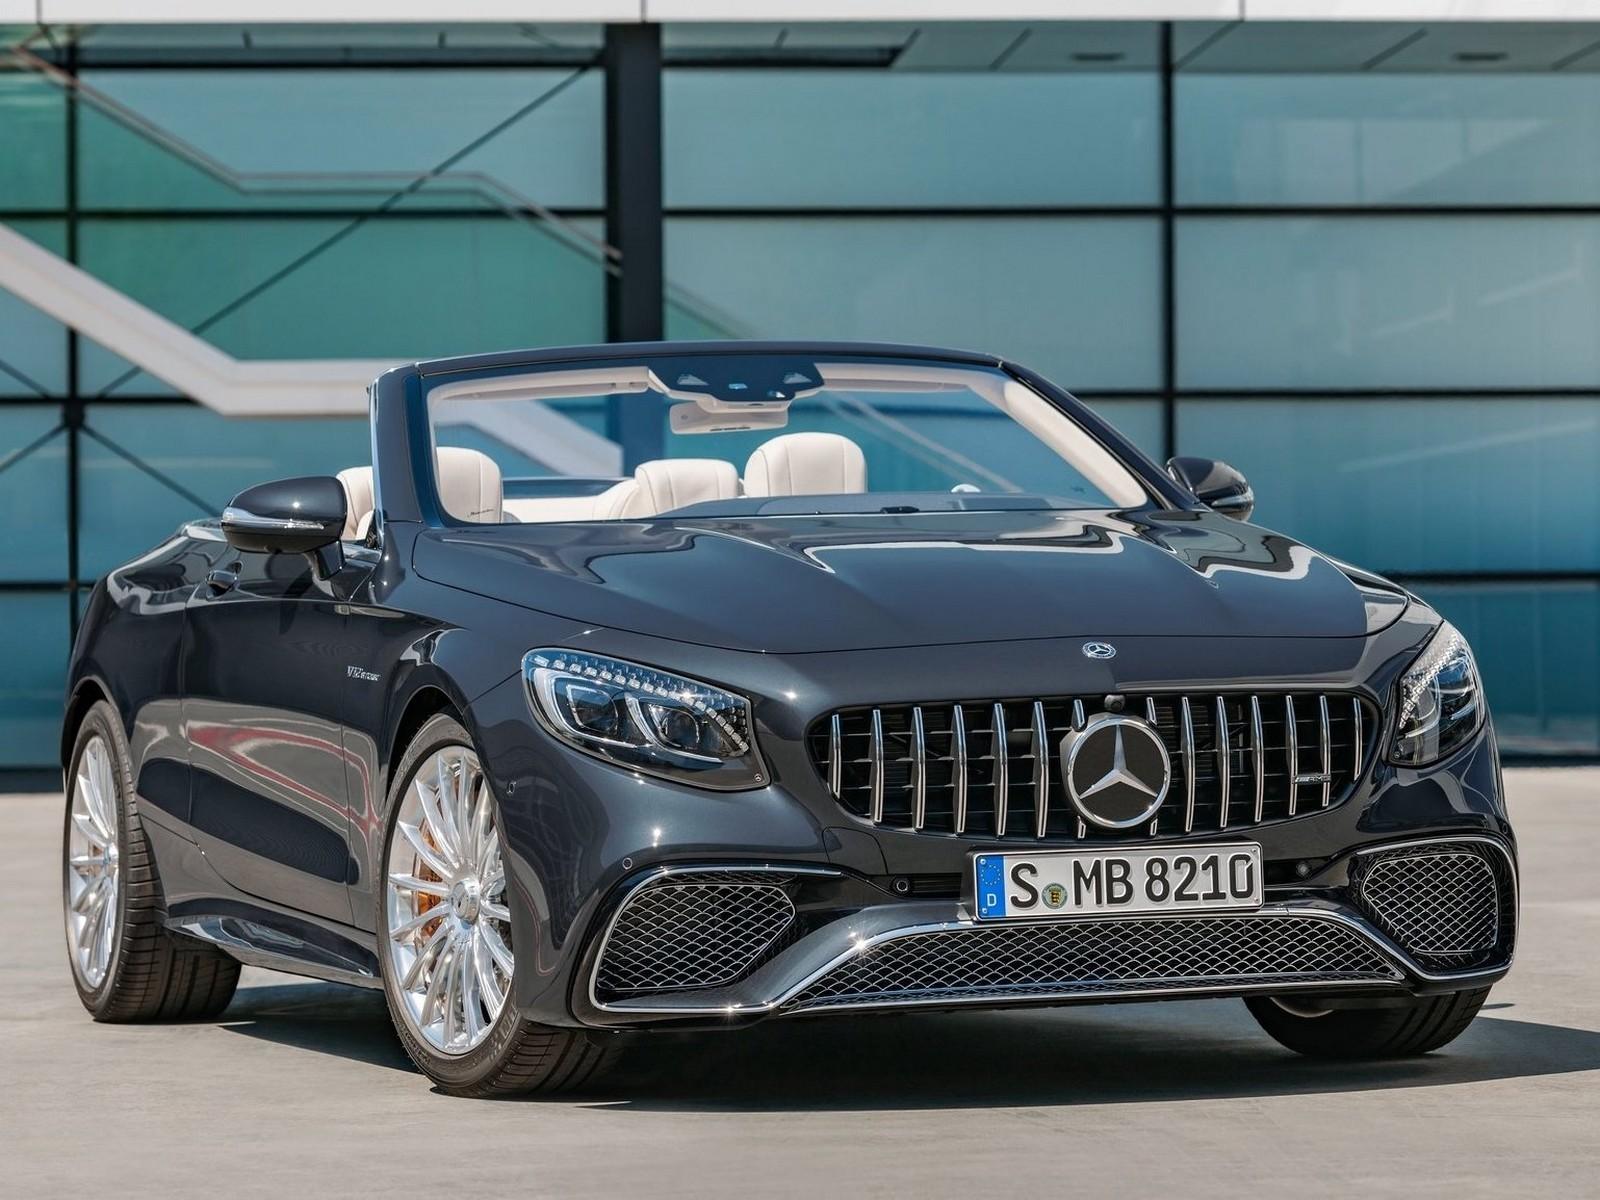 Mercedes S65 AMG Cabriolet 2018: Luxueux et Super Technologique